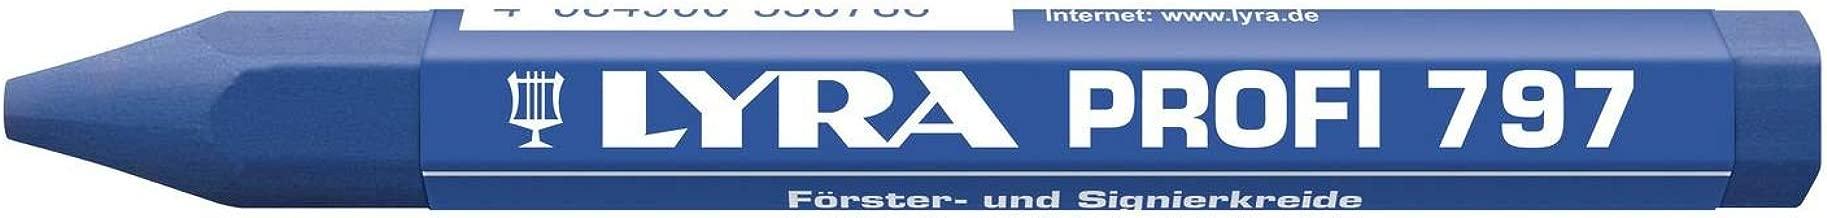 Fischer 652682 Power-Fast Bo/îte de 100 Vis /à t/ête bomb/ée surface galvanis/ée VG PZ 6 x 40 mm Bleu